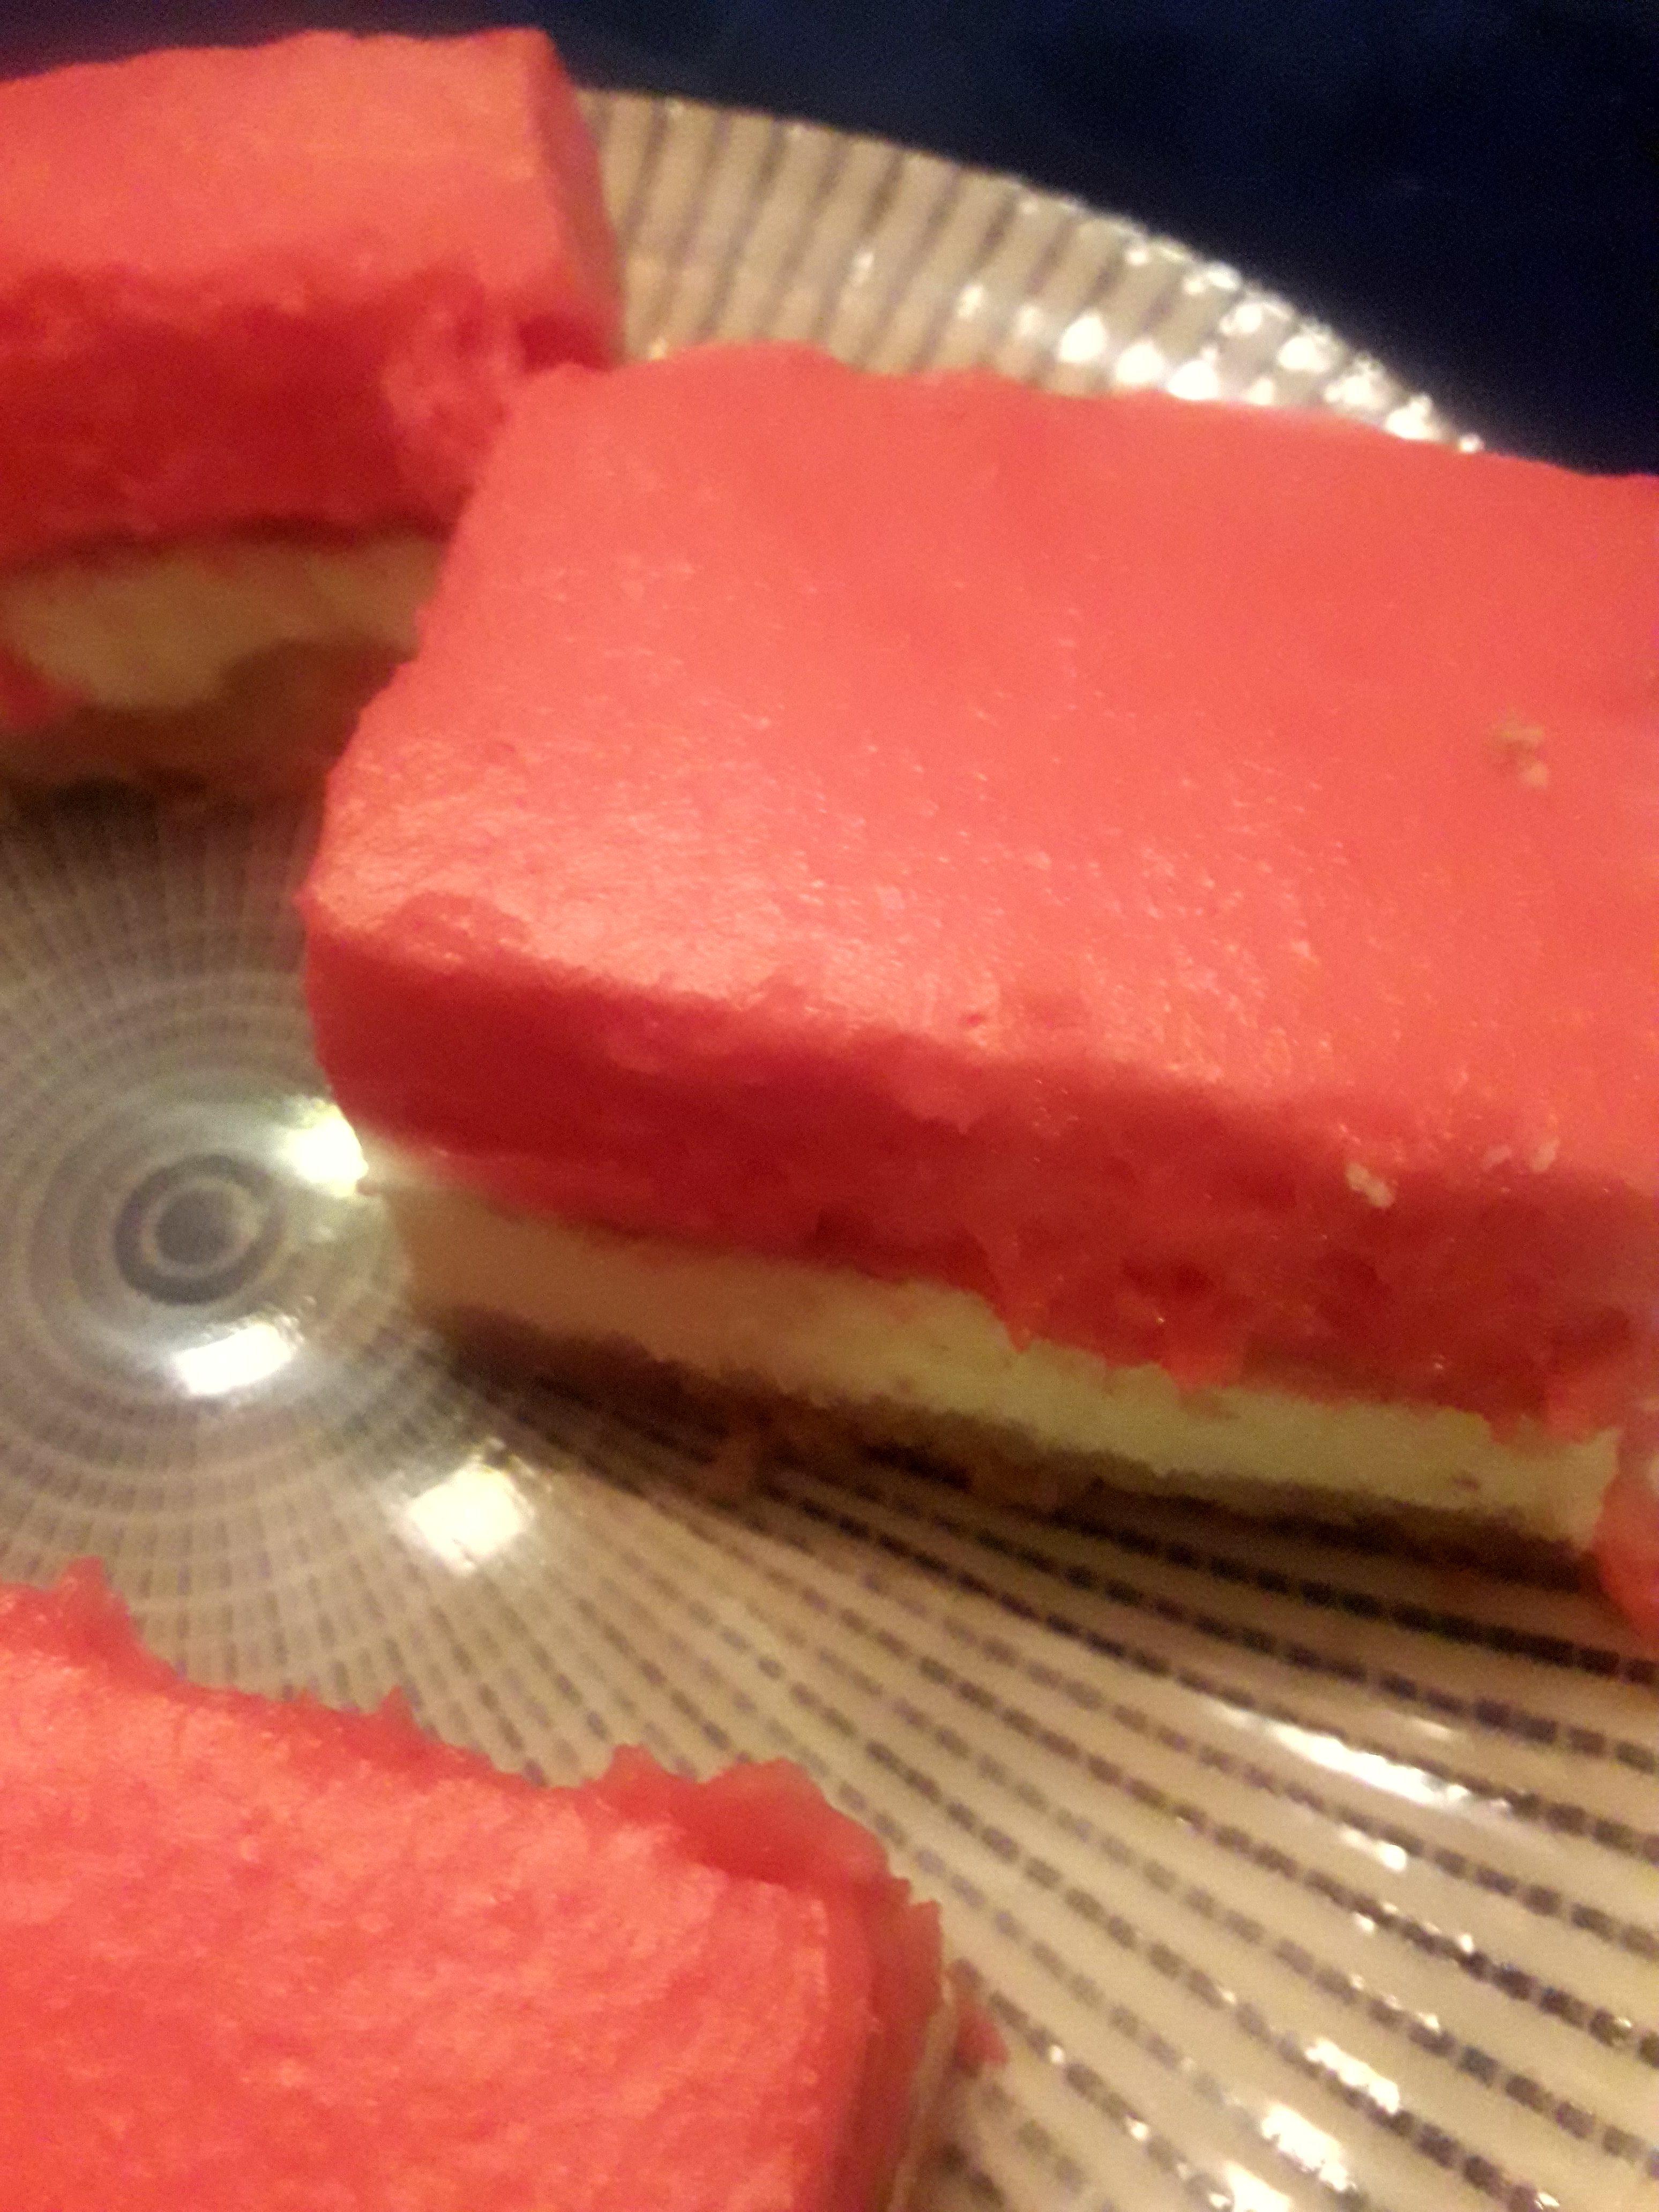 עוגת גבינה עם קרם דובדבנים שמטריפה את החושים.